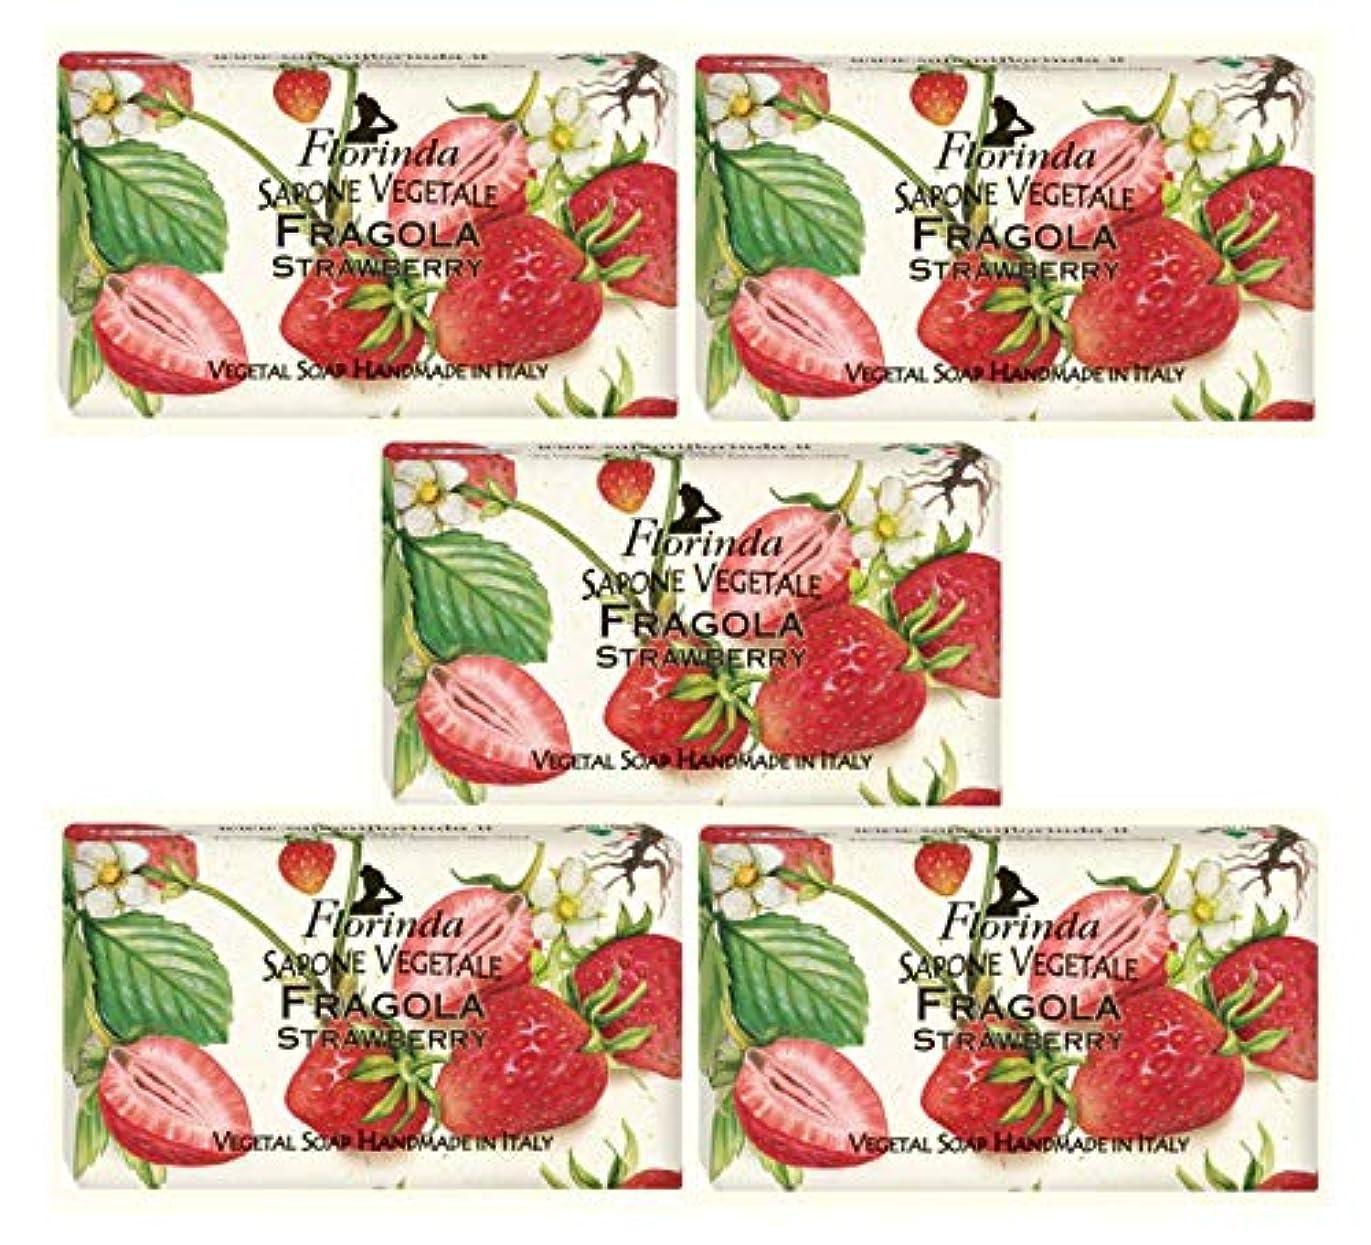 脱獄ダンプ暴君フロリンダ フレグランスソープ 固形石けん フルーツの香り ストロベリー 95g×5個セット